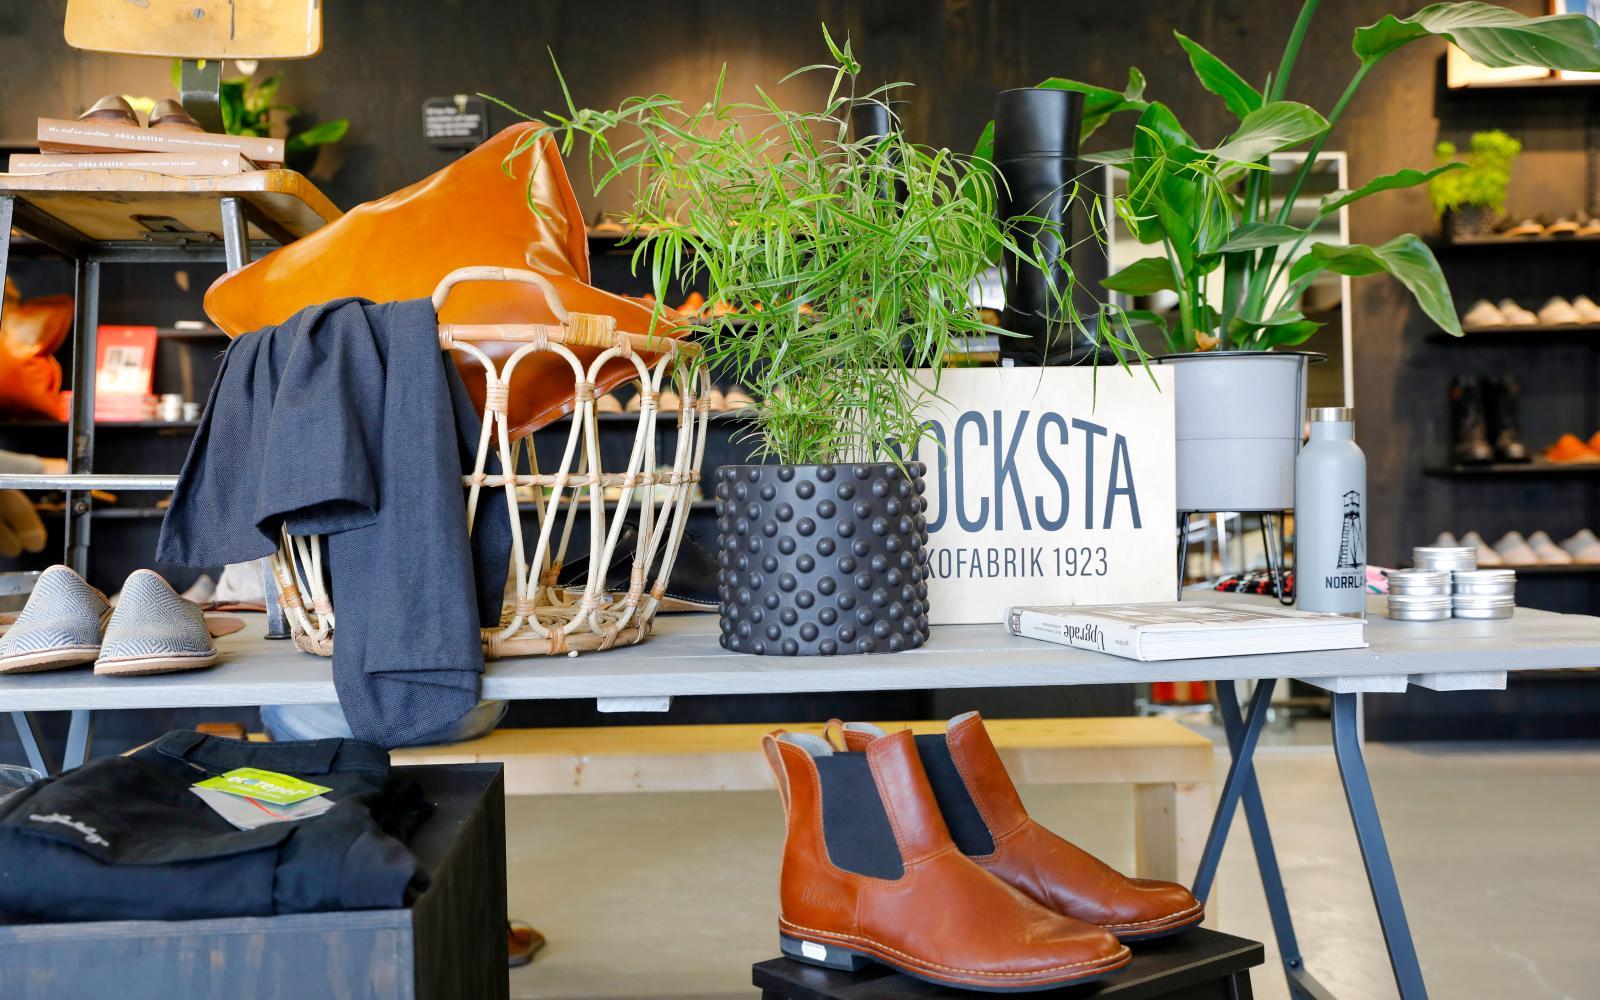 Resa: Docksta Svenska skor